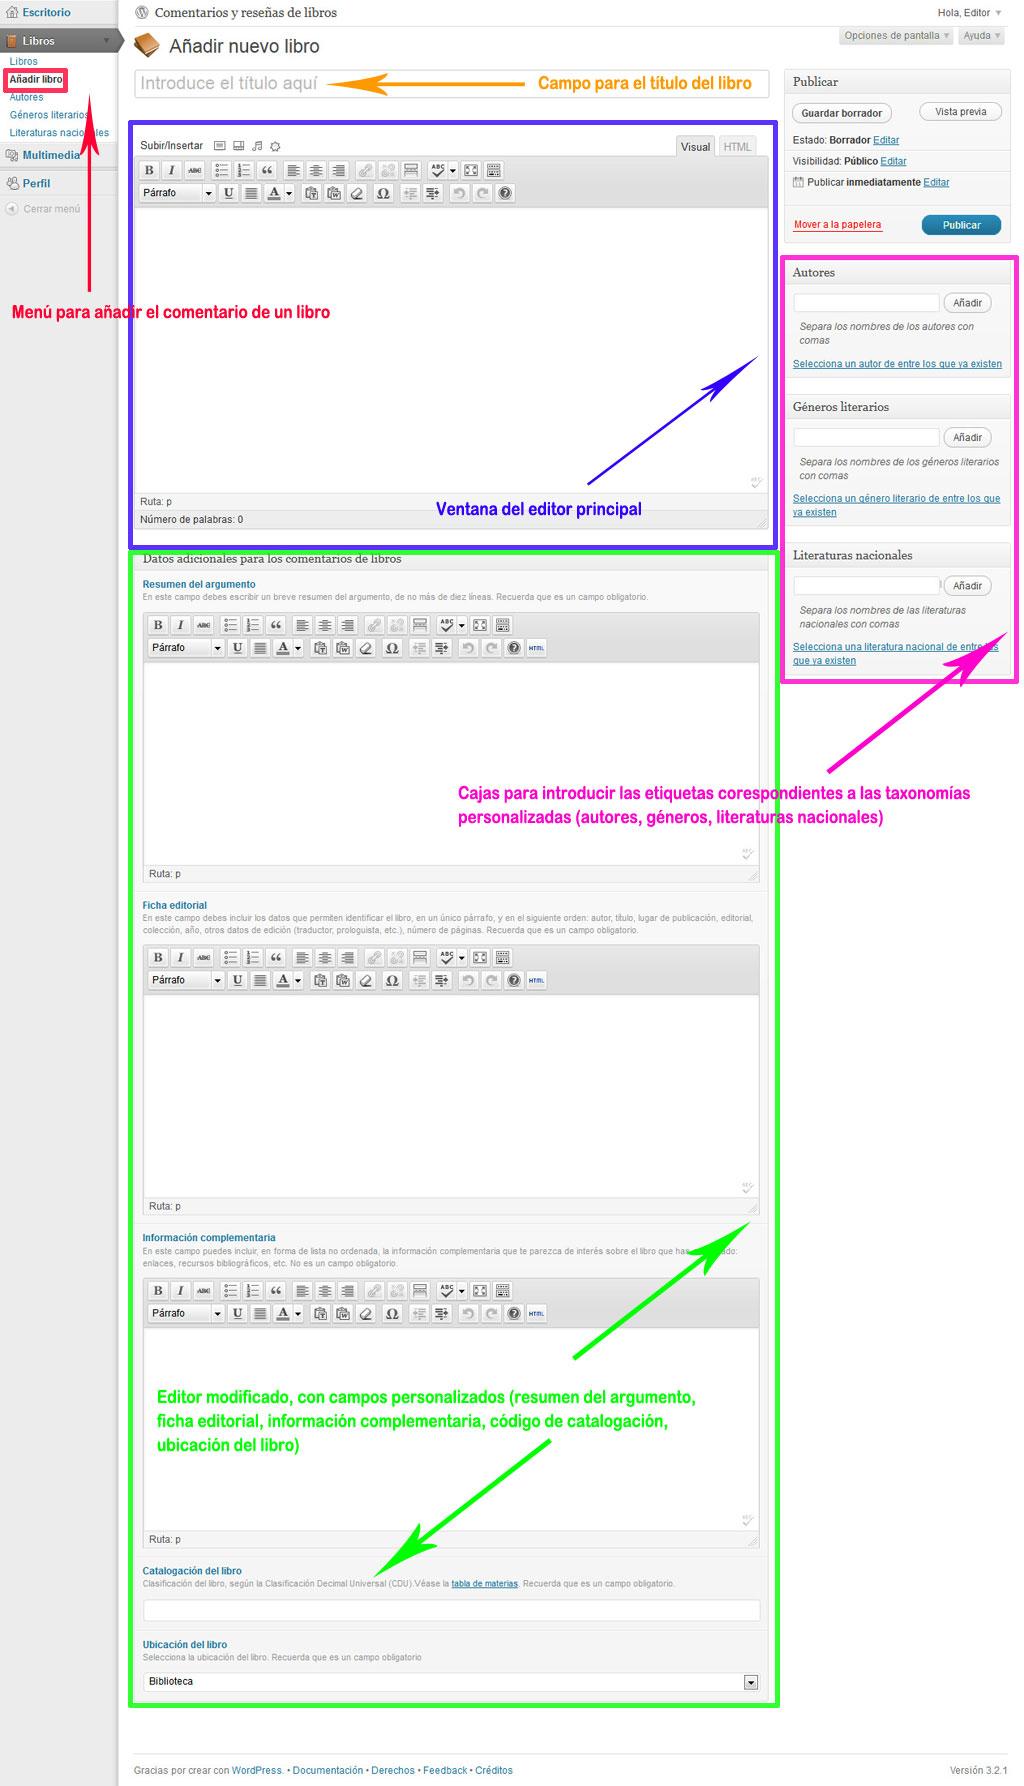 """Figura 2 - Interfaz de edición del tipo de contenido """"Libros"""""""